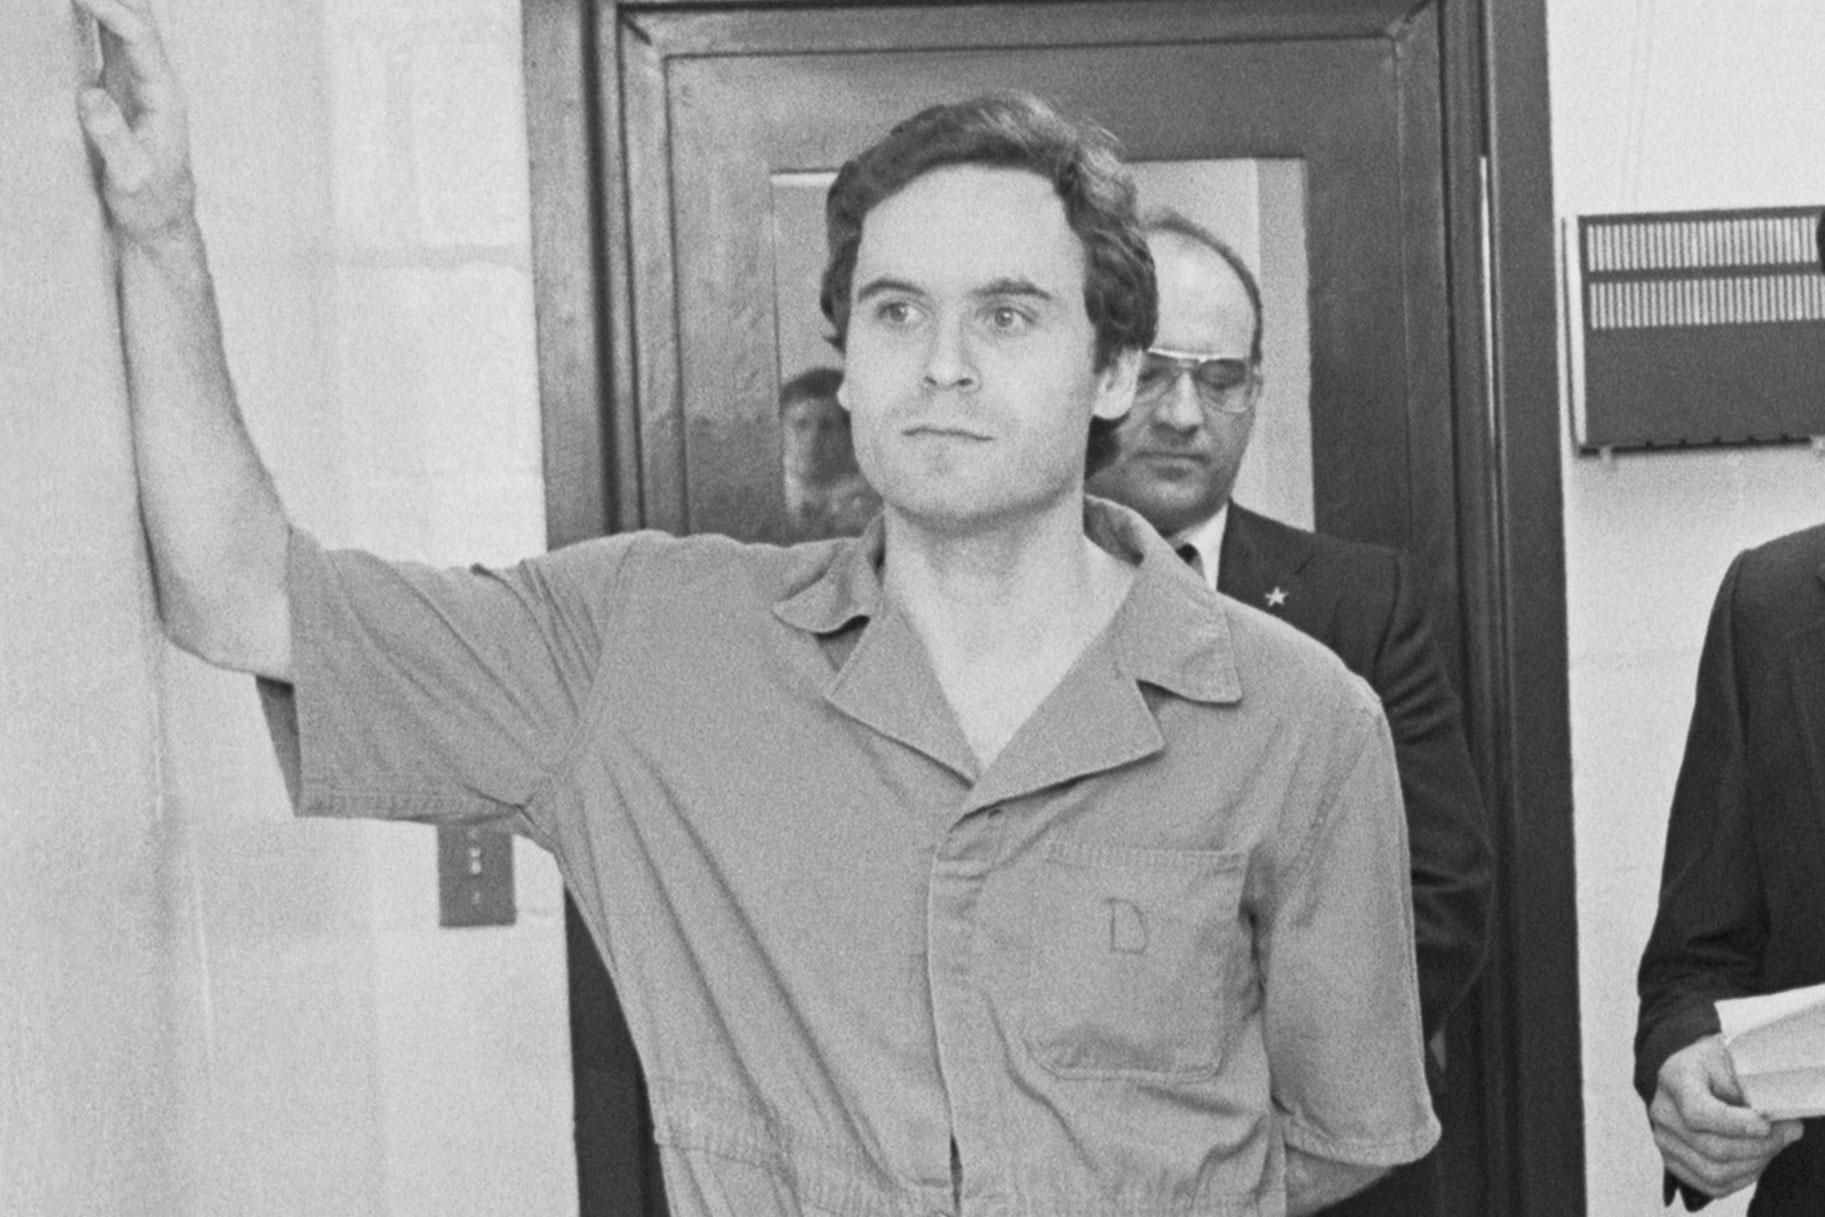 ¿Por qué la mamá de la víctima de Ted Bundy se acercó a la madre del asesino en serie?